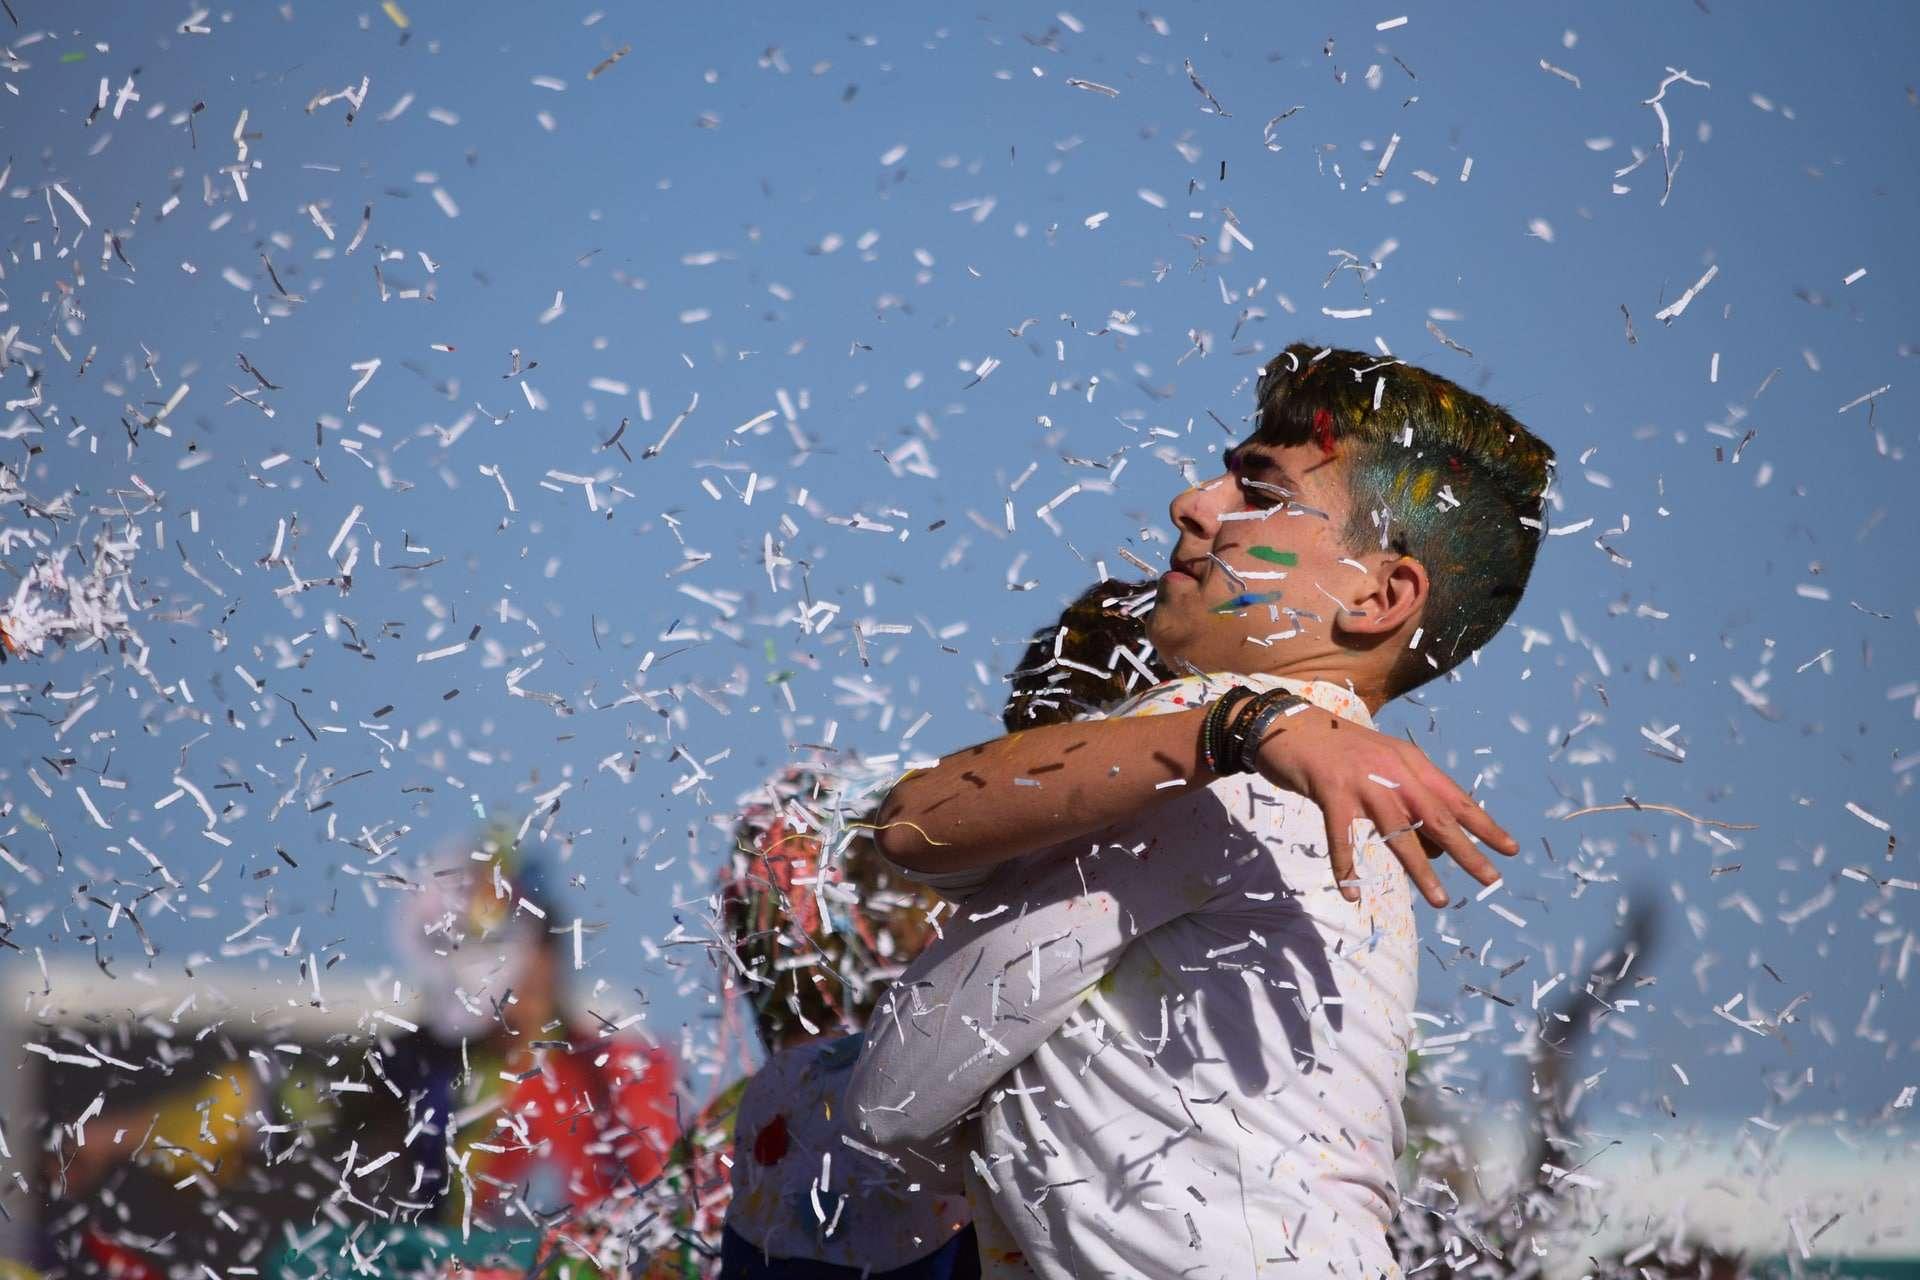 boys standing in confetti